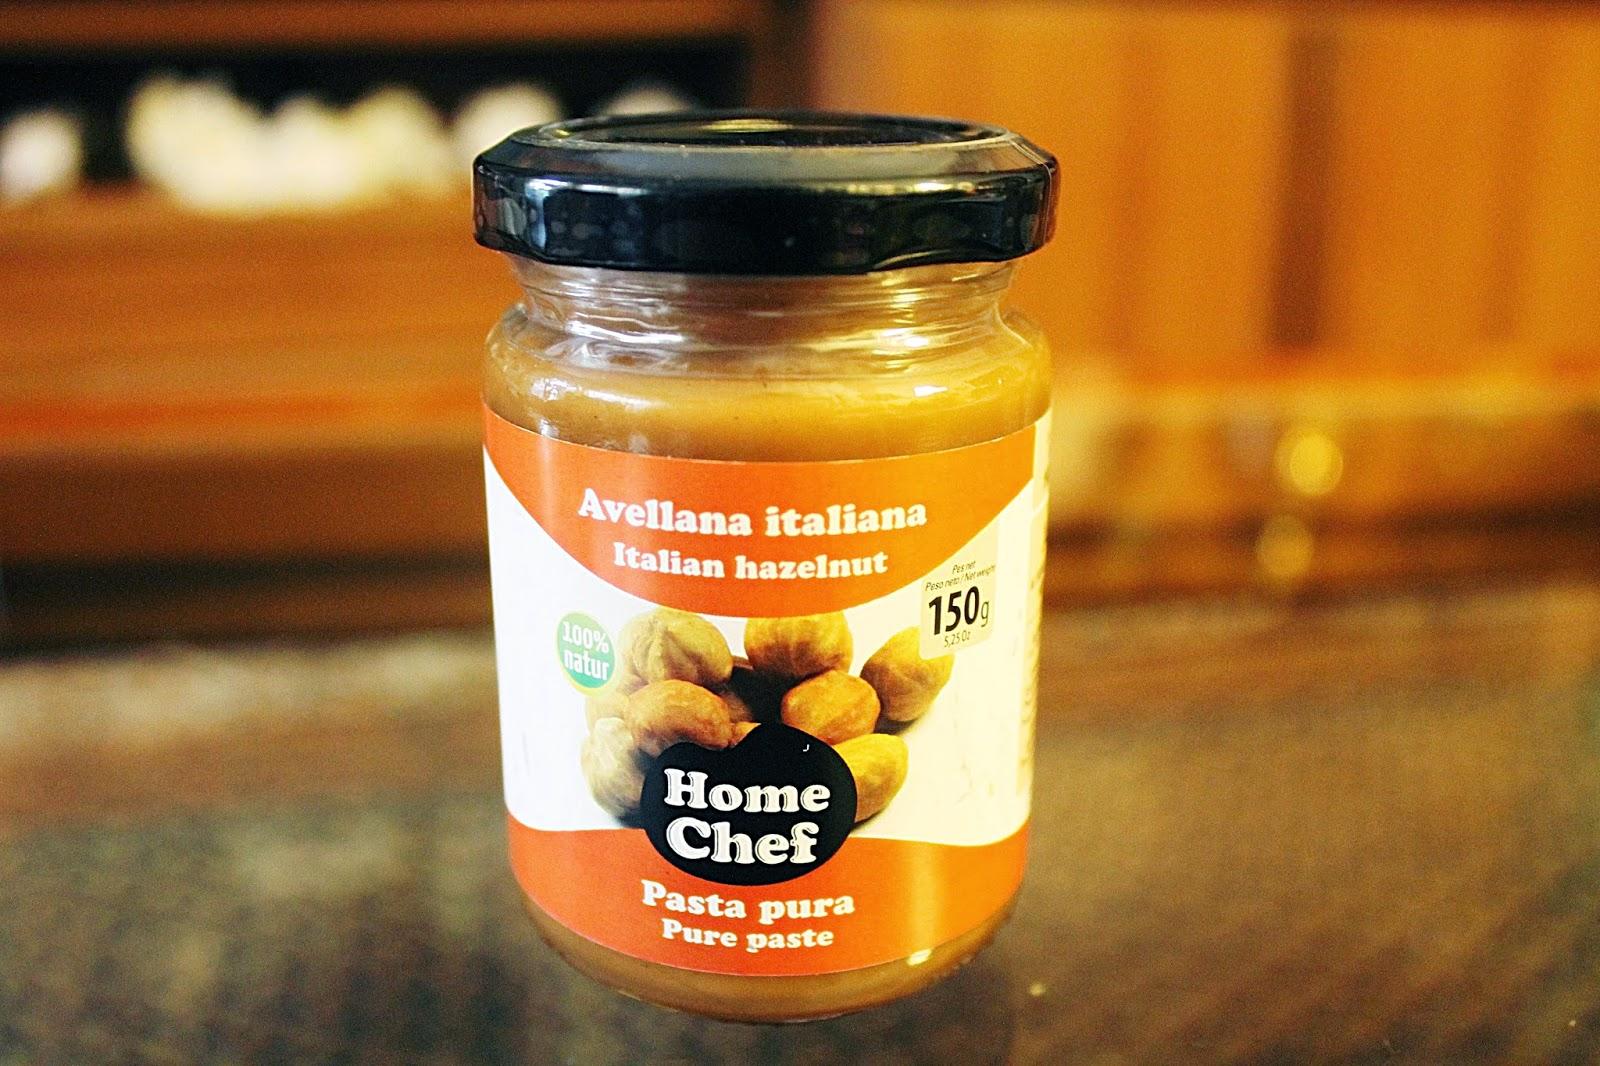 Pasta de avellana italiana